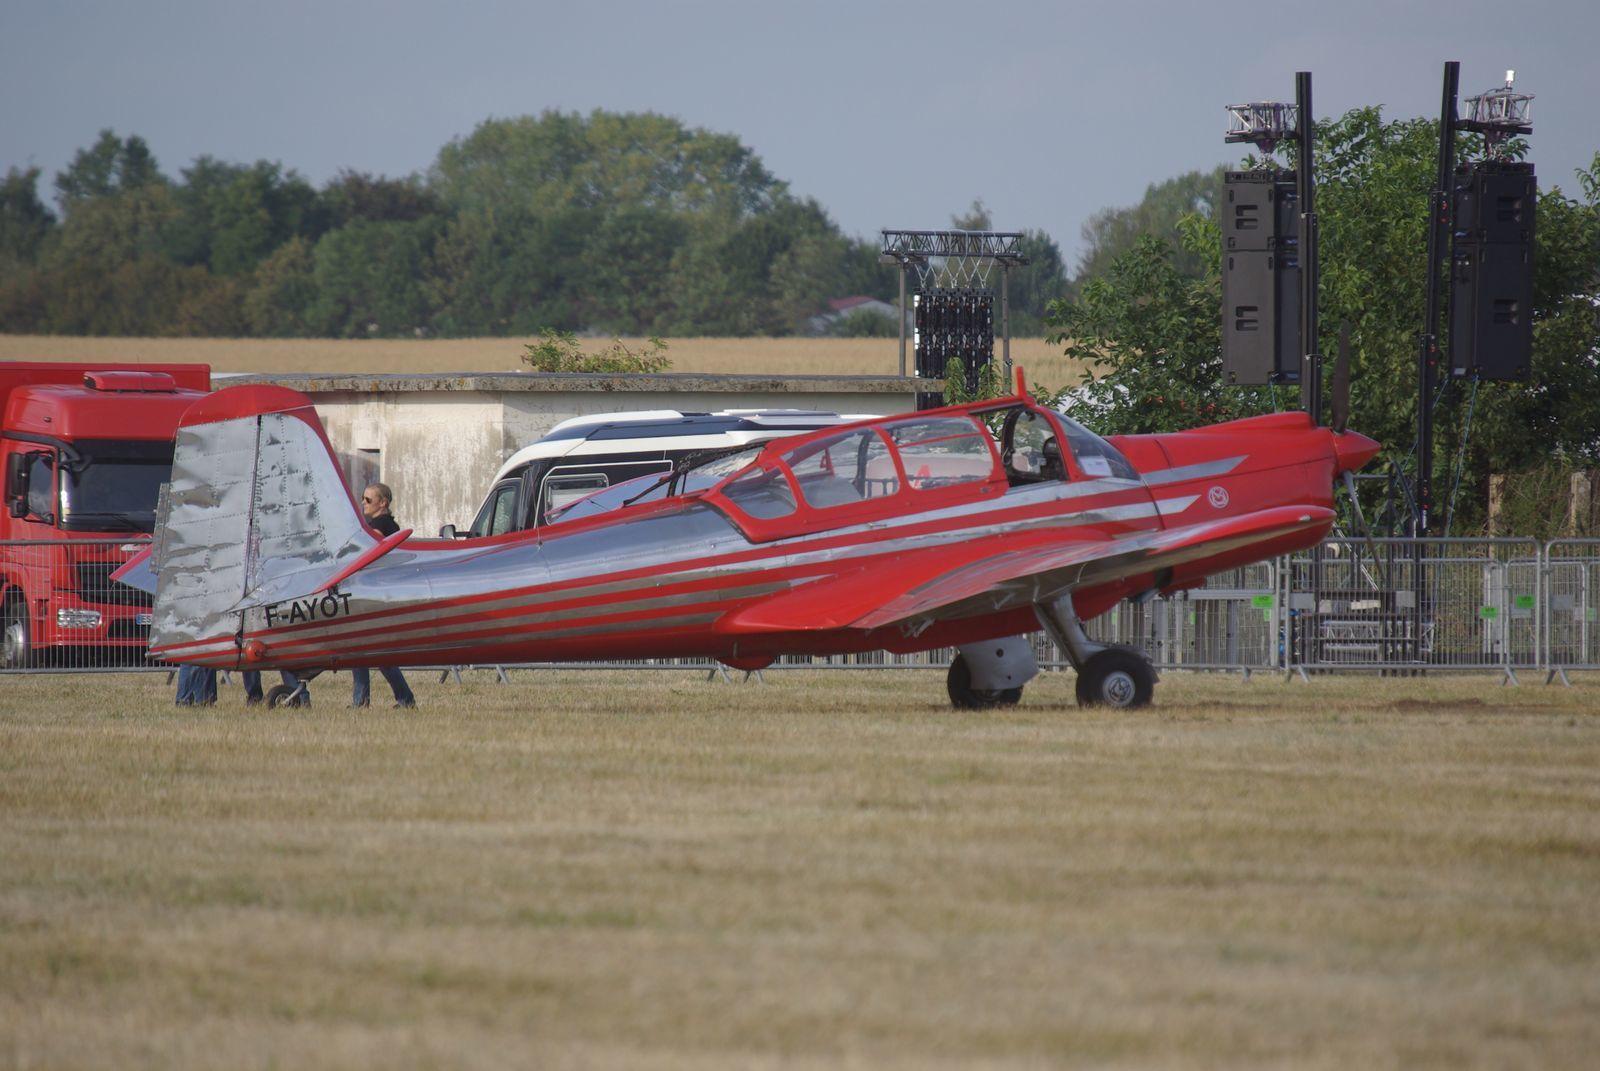 Le magnifique Morane Saulnier 733 F-AYOT présenté en statique.